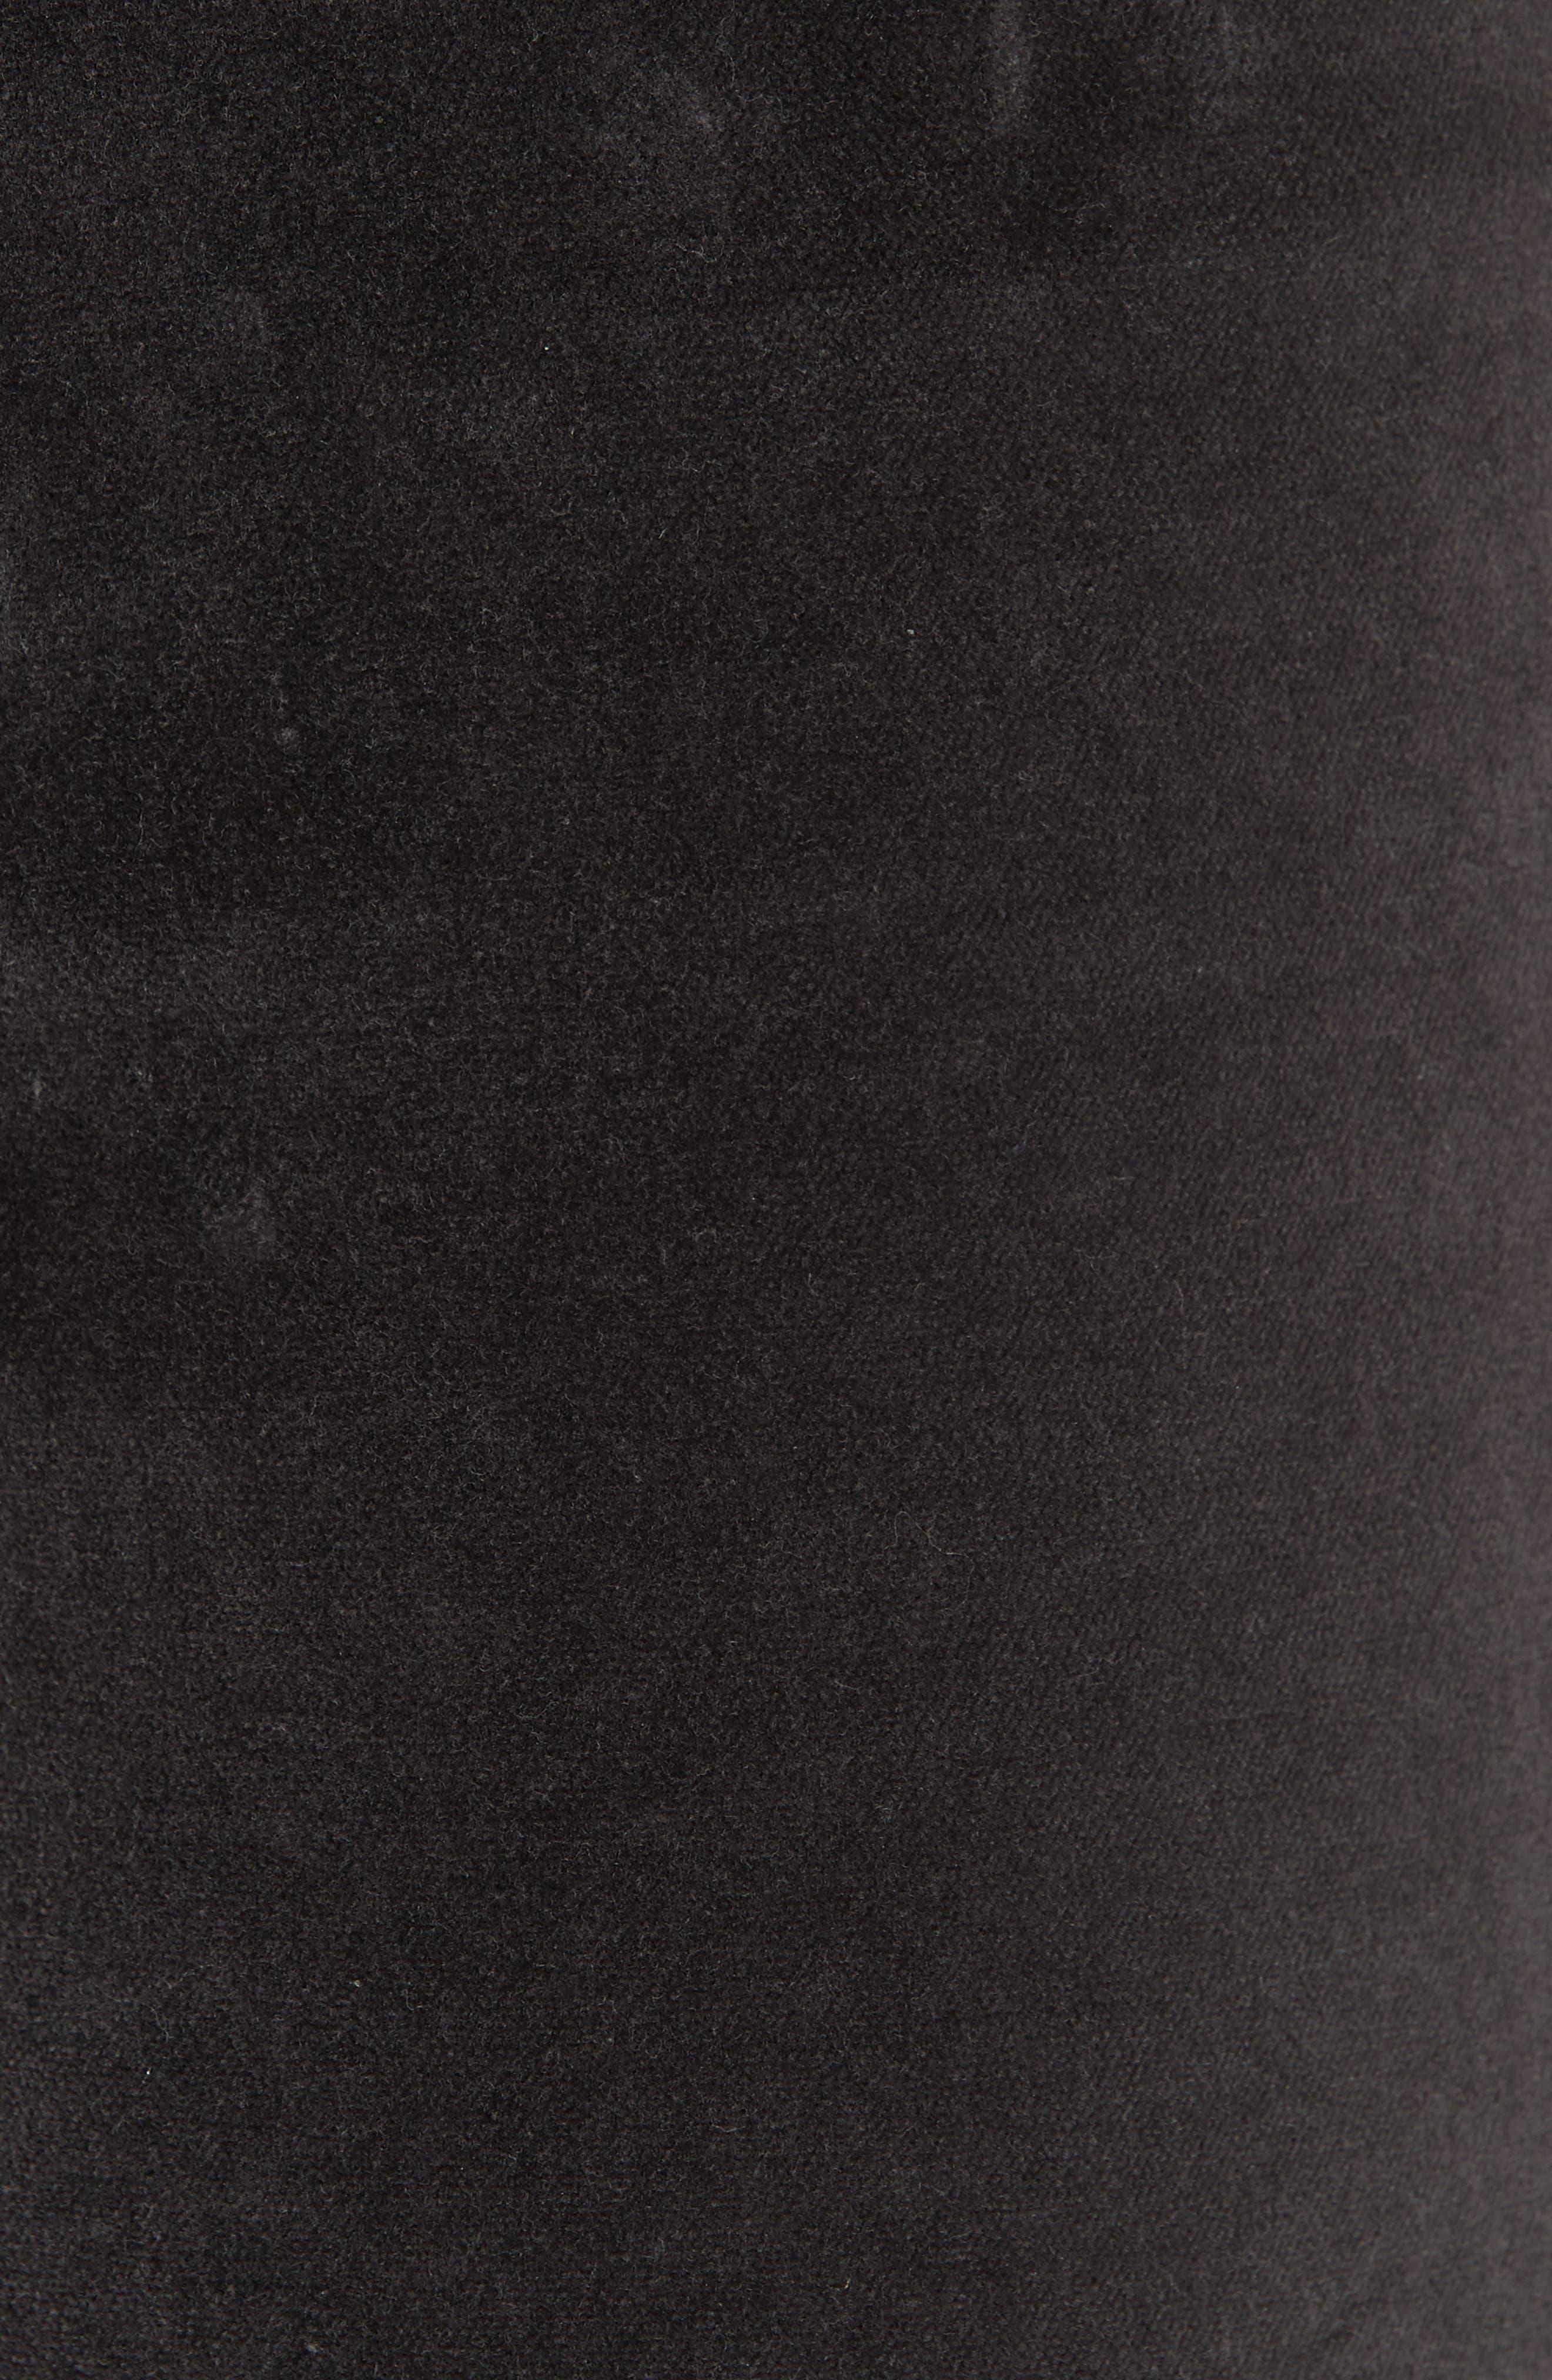 Velveteen High Waist Skinny Pants,                             Alternate thumbnail 9, color,